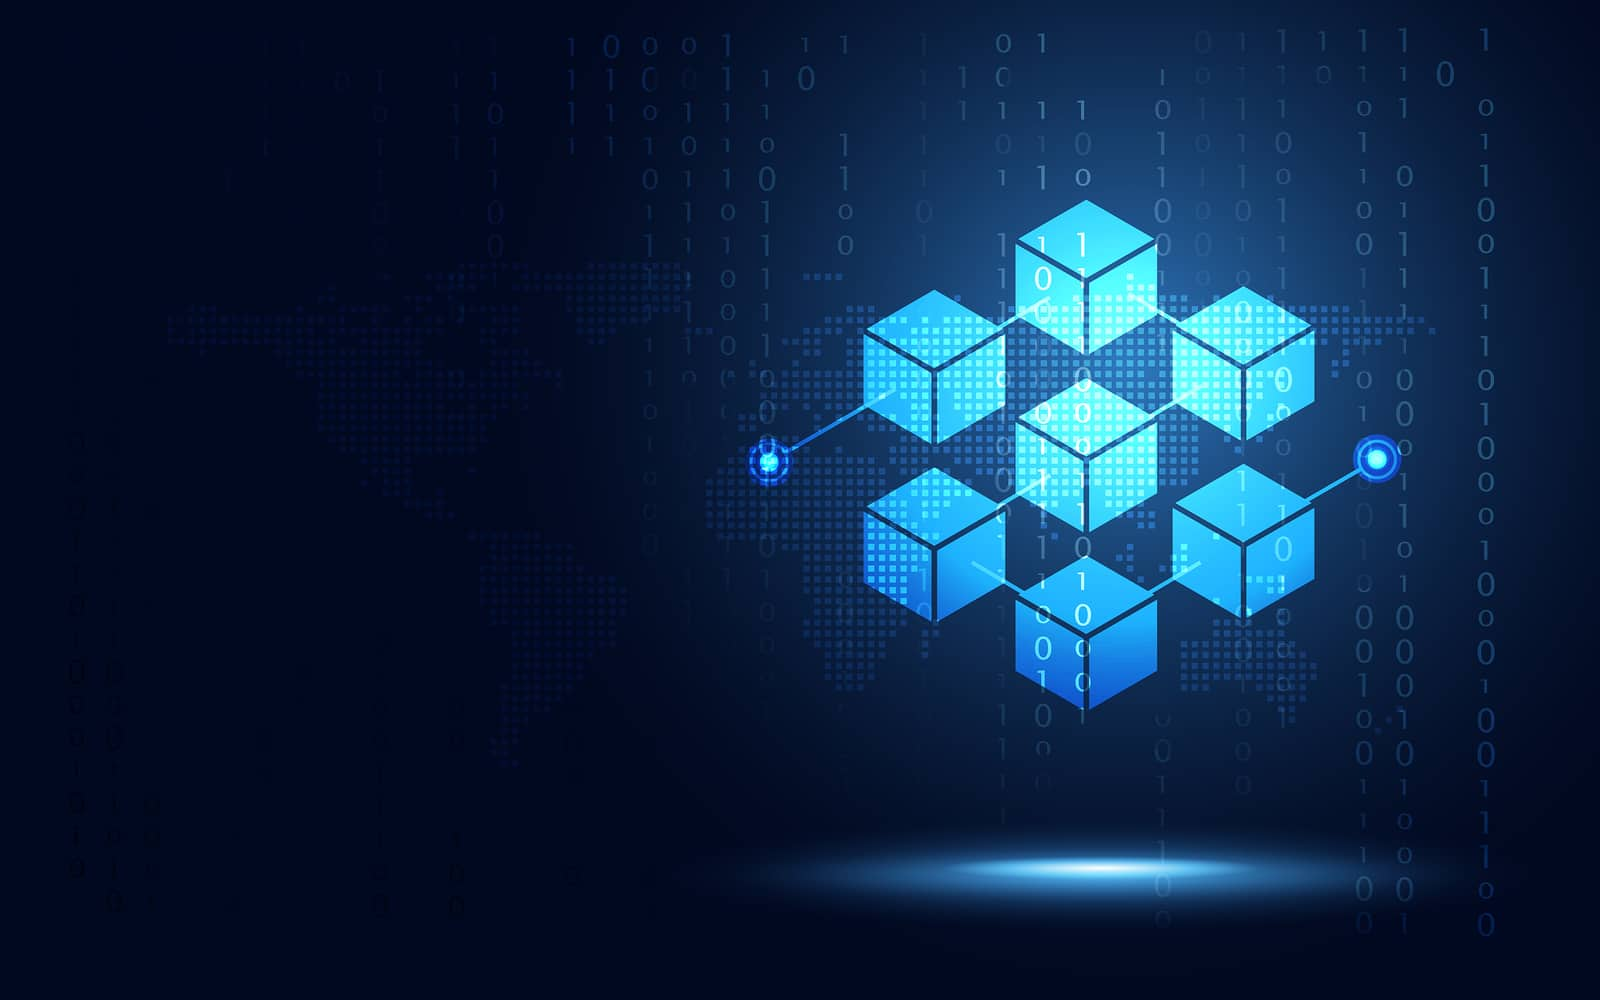 ¿Qué es Blockchain y cómo funciona?